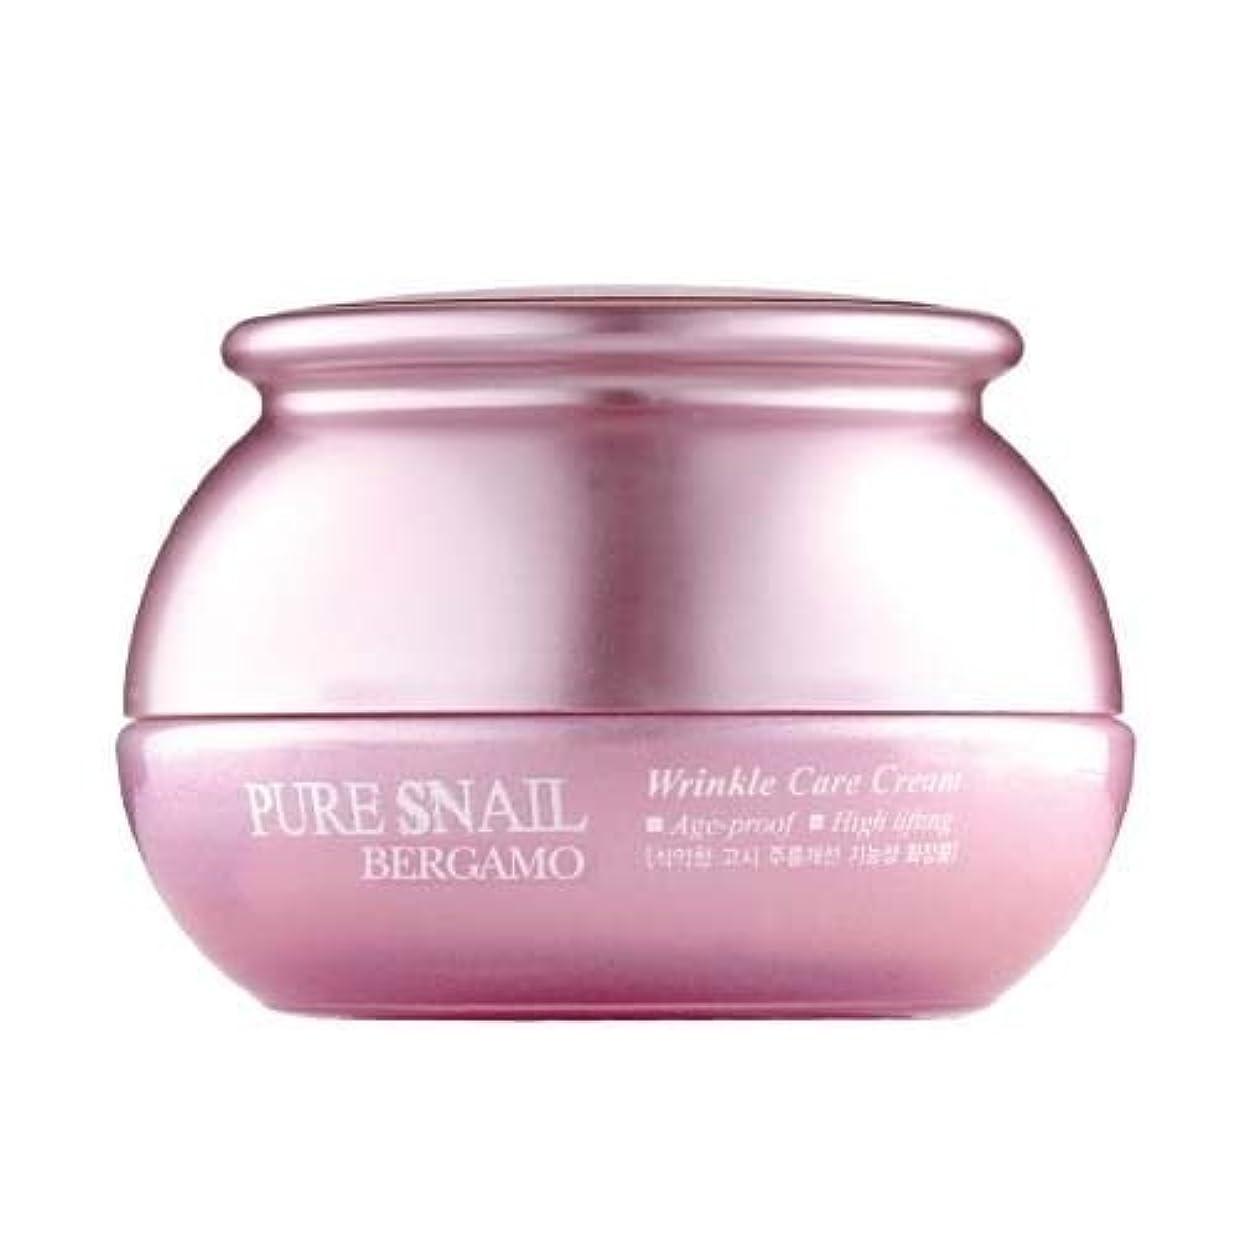 将来の監査原稿ベルガモ[韓国コスメBergamo]Pure Snail Wrinkle Care Cream カタツムリリンクルケアクリーム50ml しわ管理 [並行輸入品]